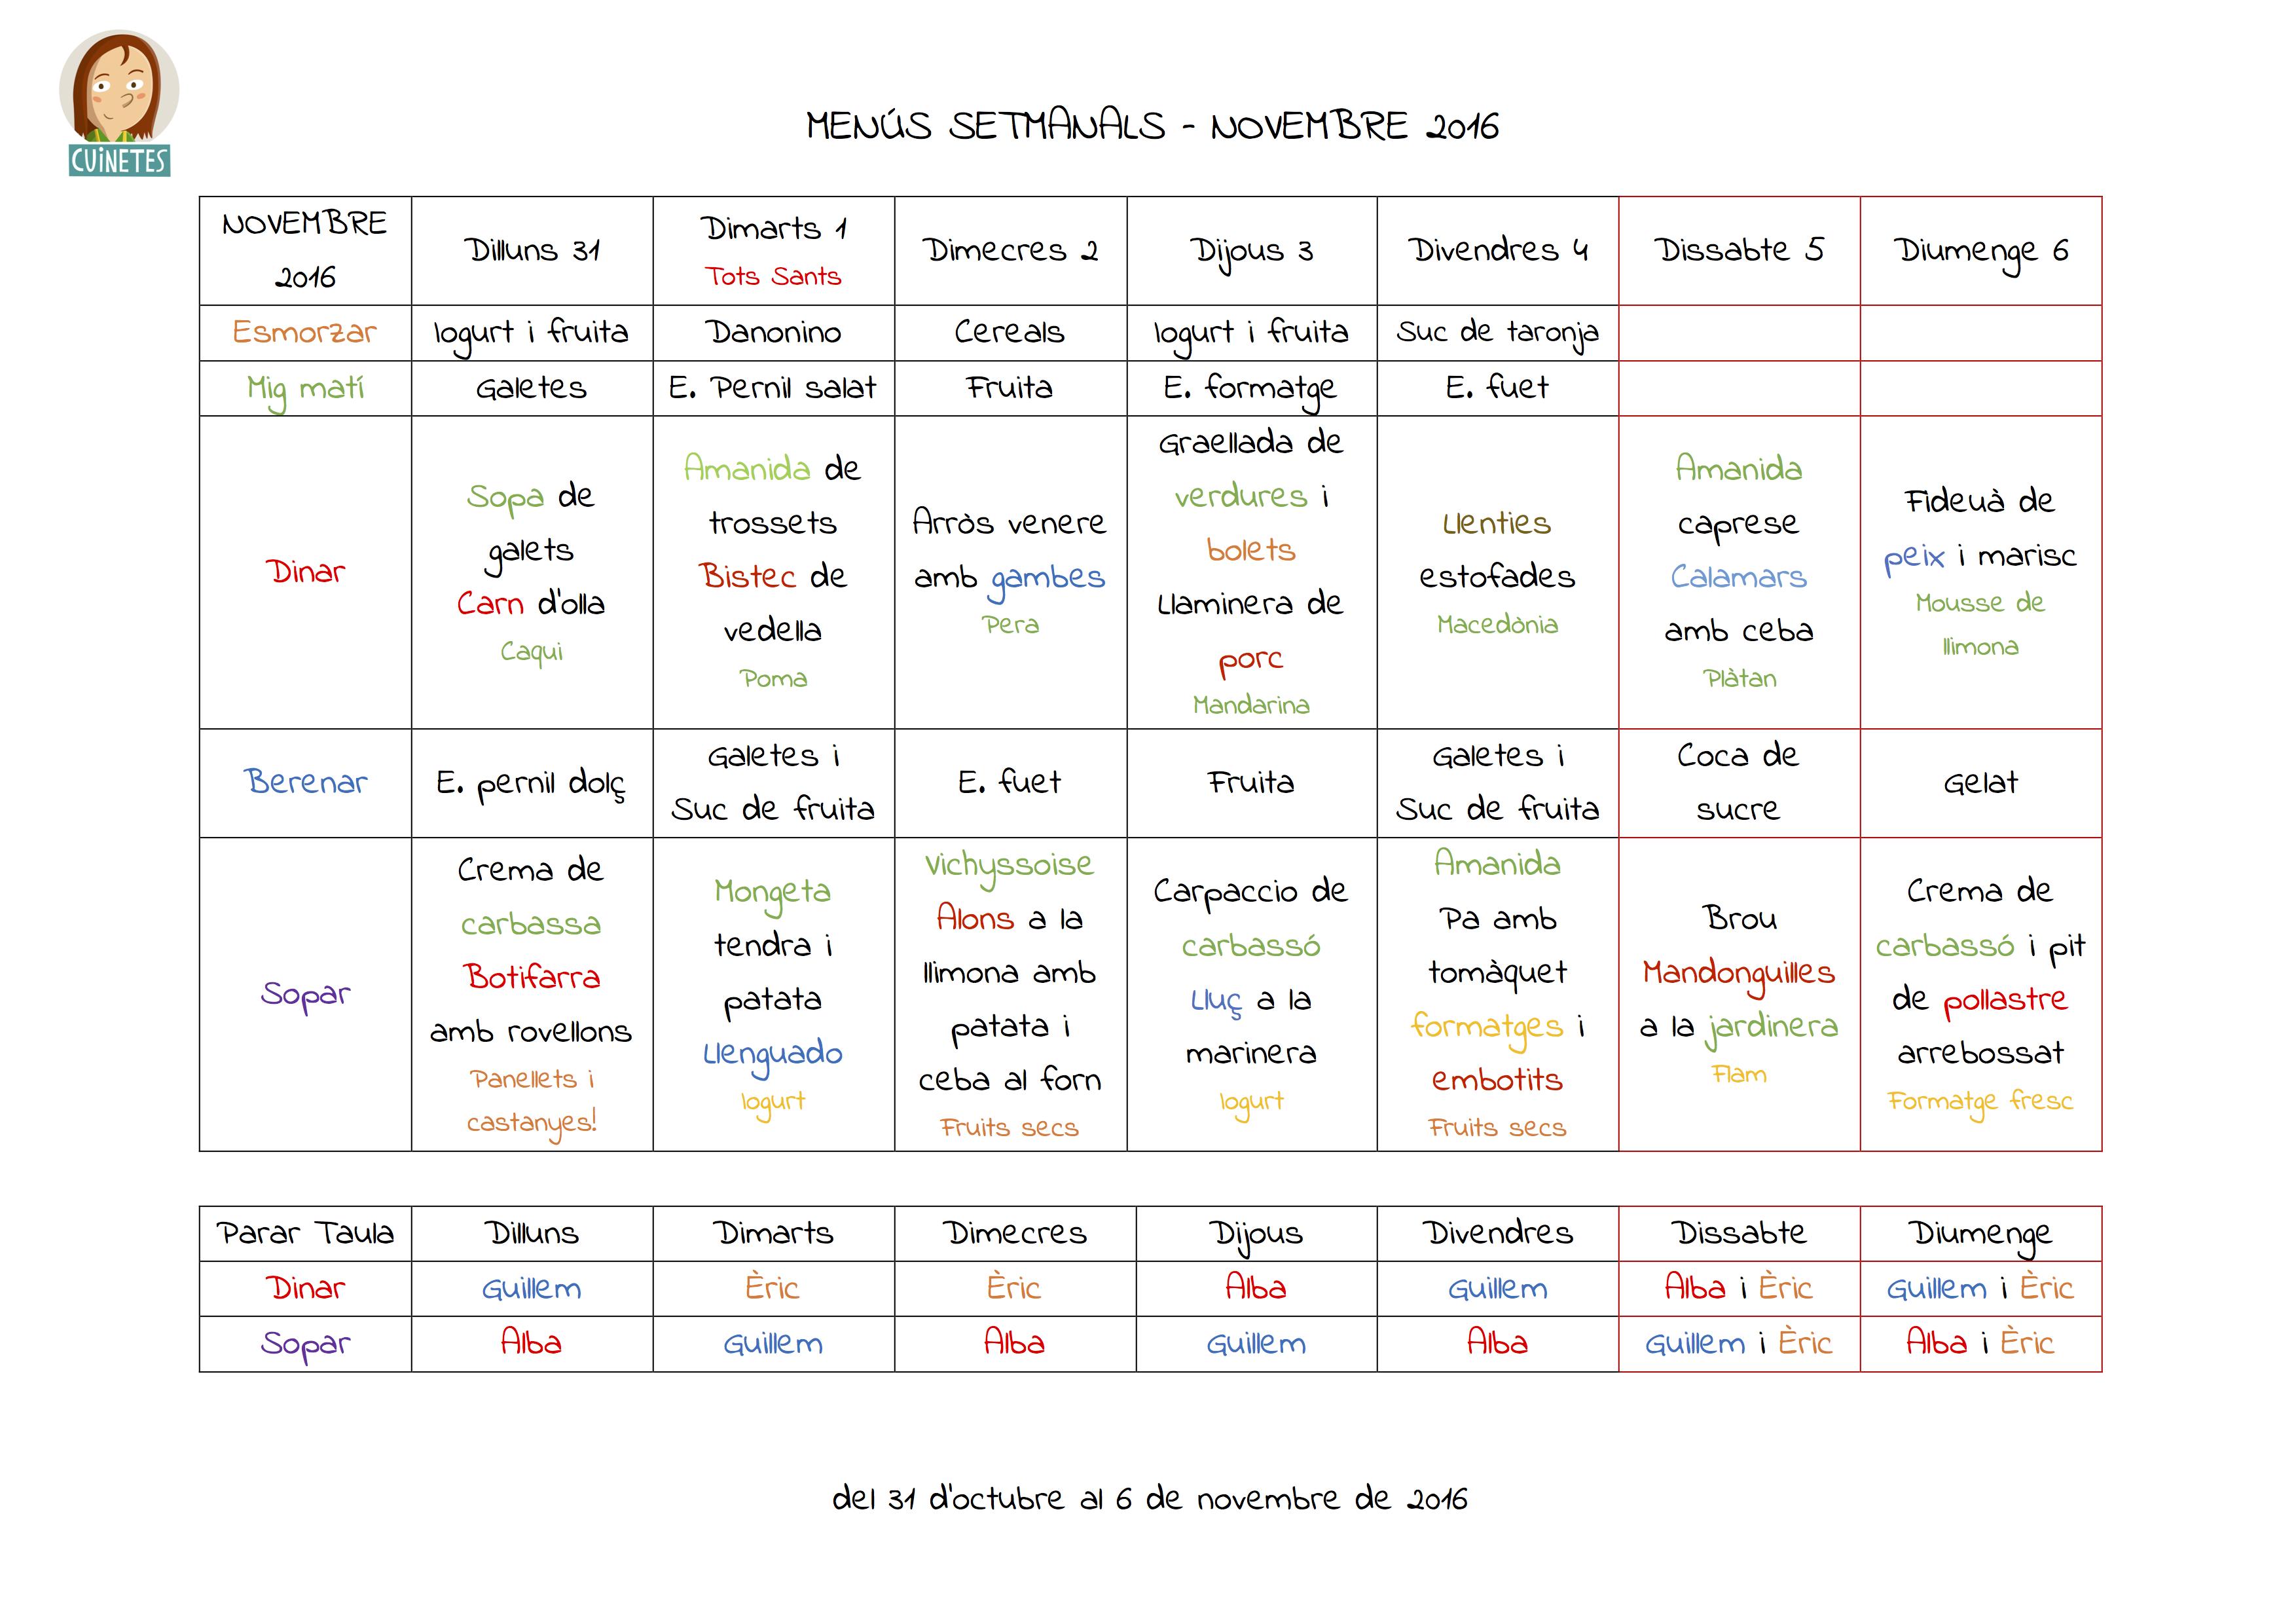 novembre_menus_setmanals